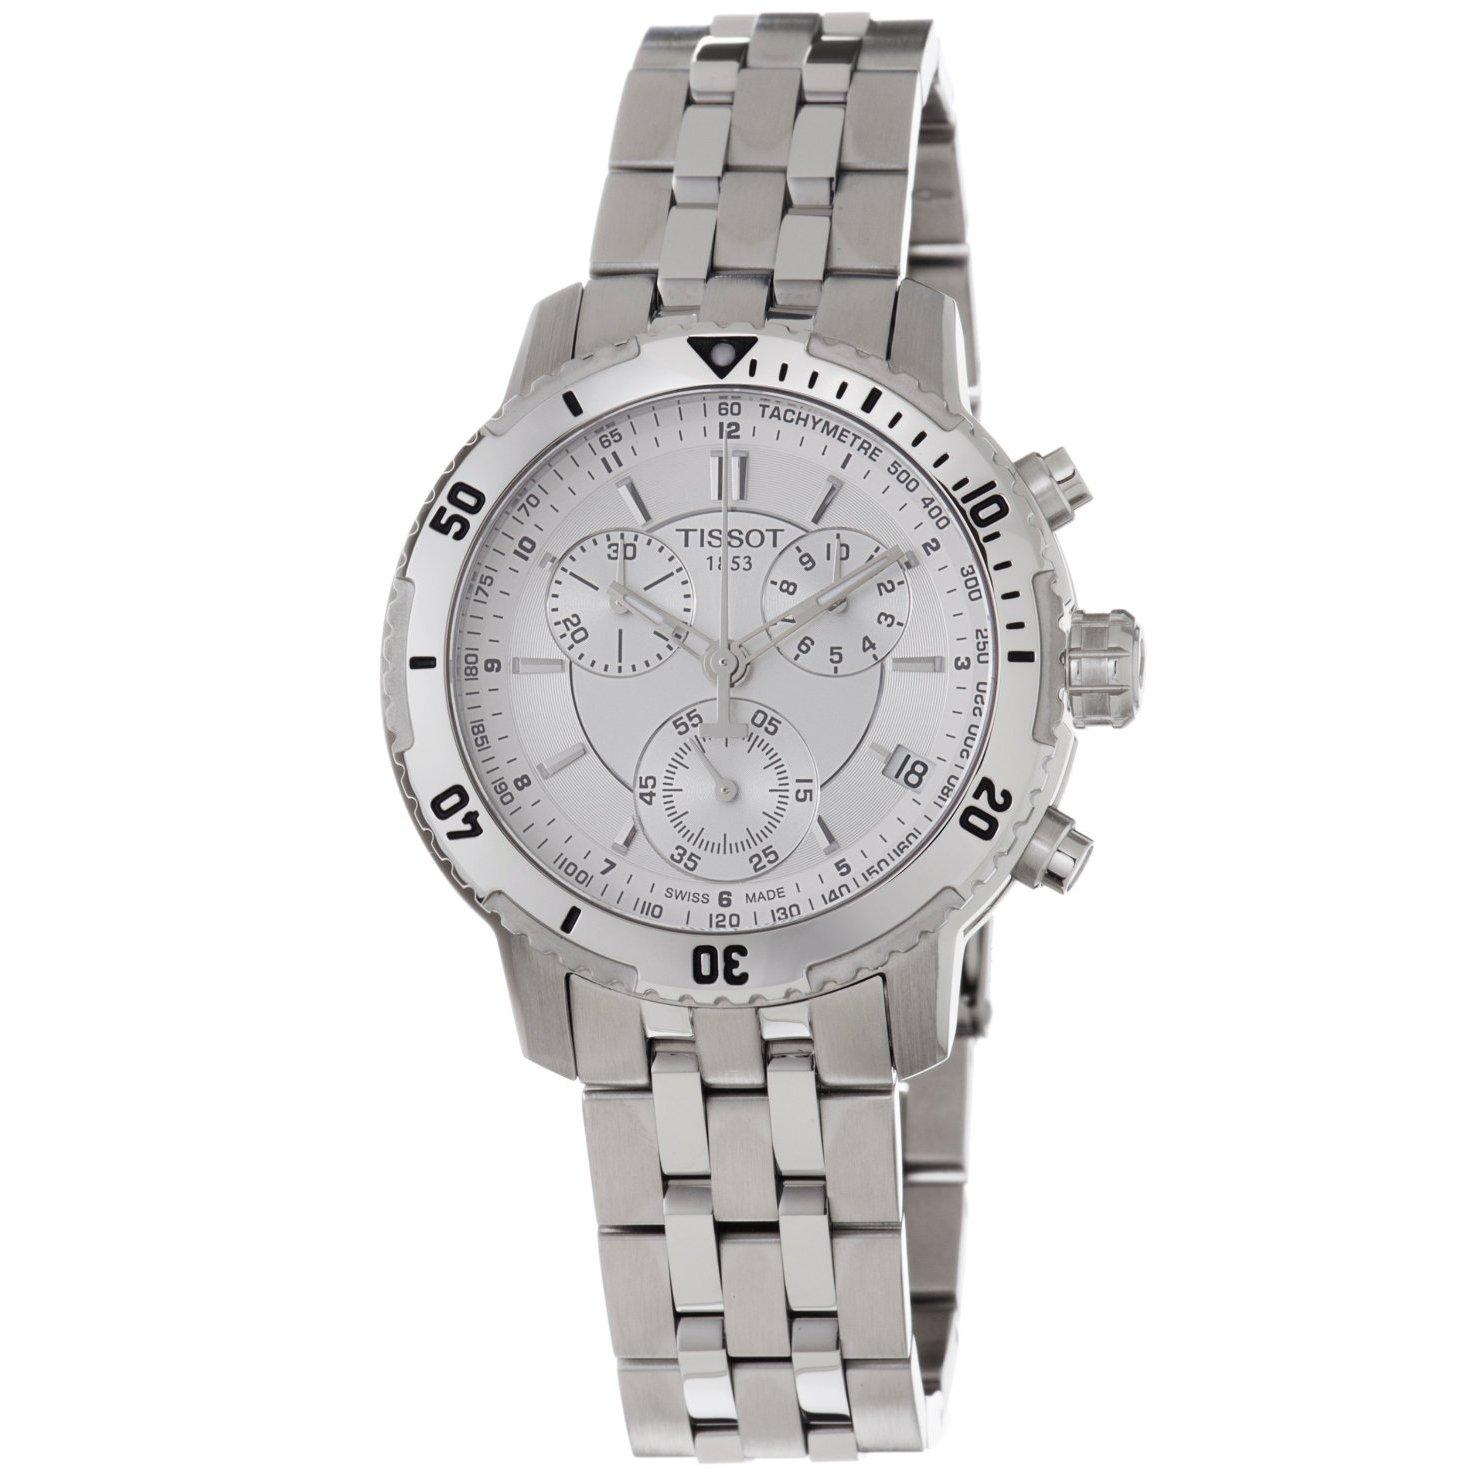 Tissot Men's T0674171103100 PRS-200 Silver Chronograph Watch